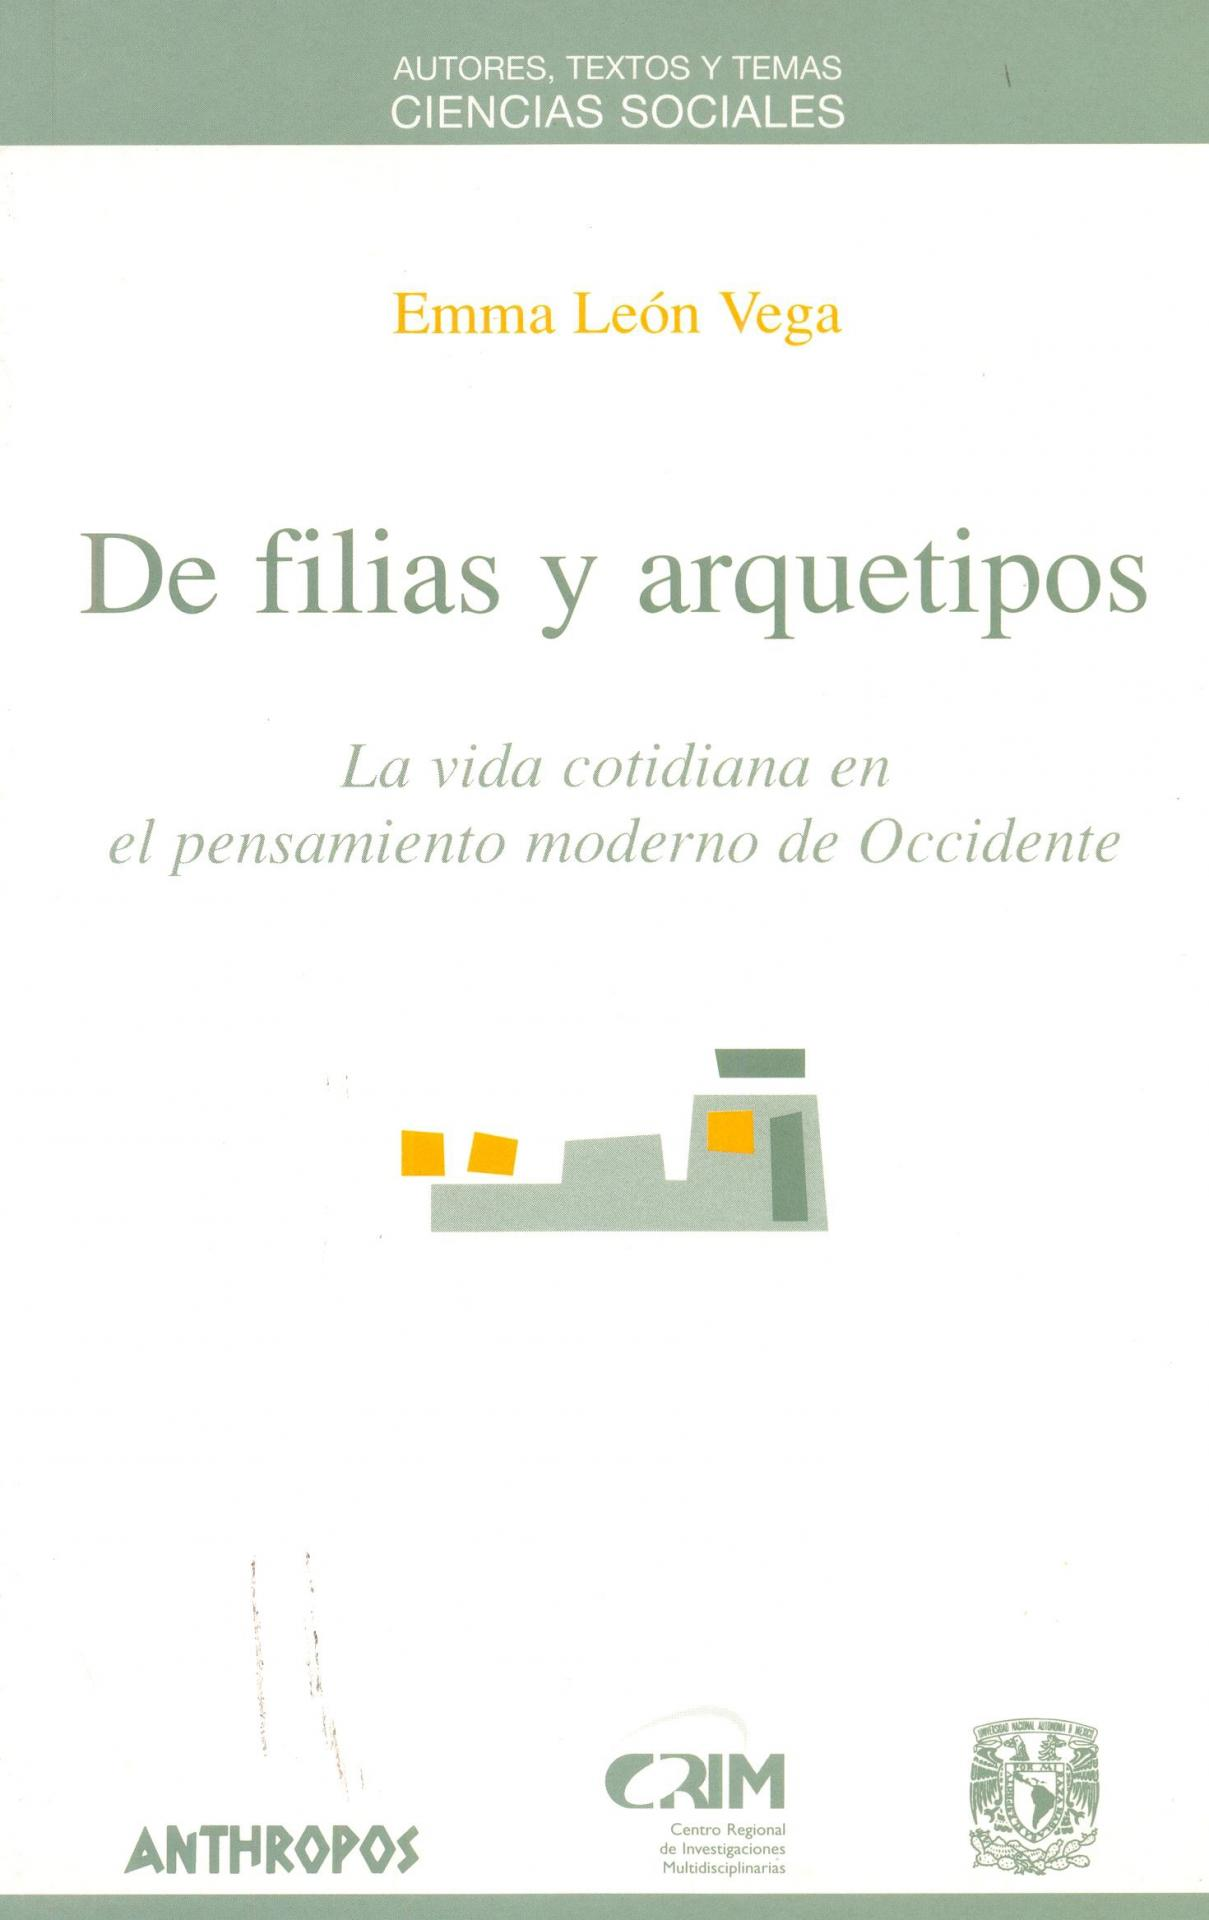 DE FILIAS Y ARQUETIPOS. León Vega, E.